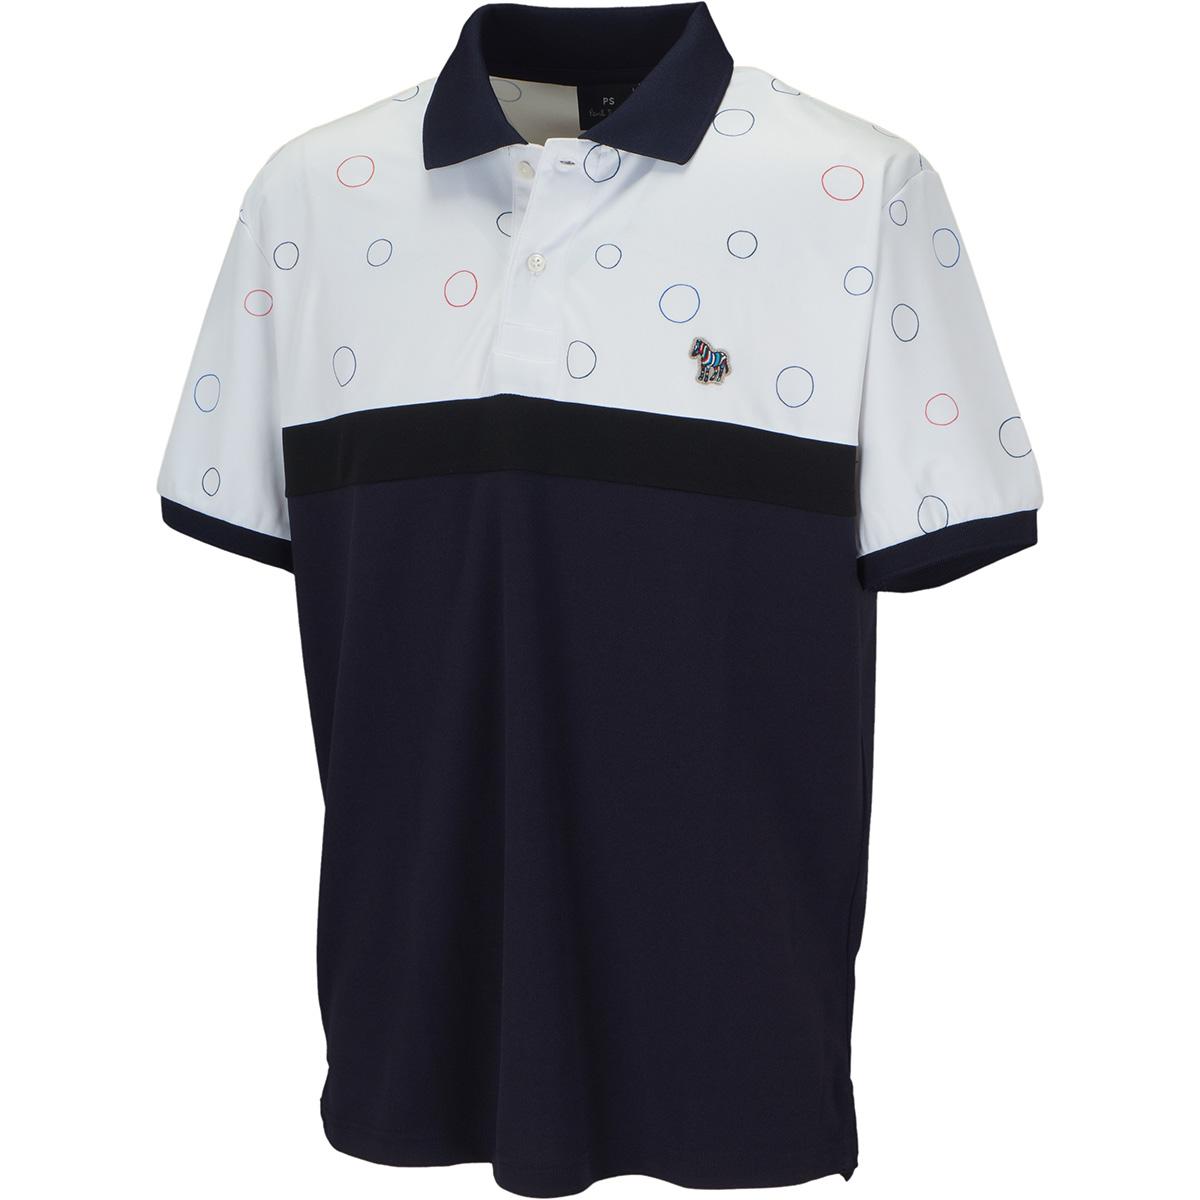 ゼブラワッペン カラーブロック 半袖ポロシャツ